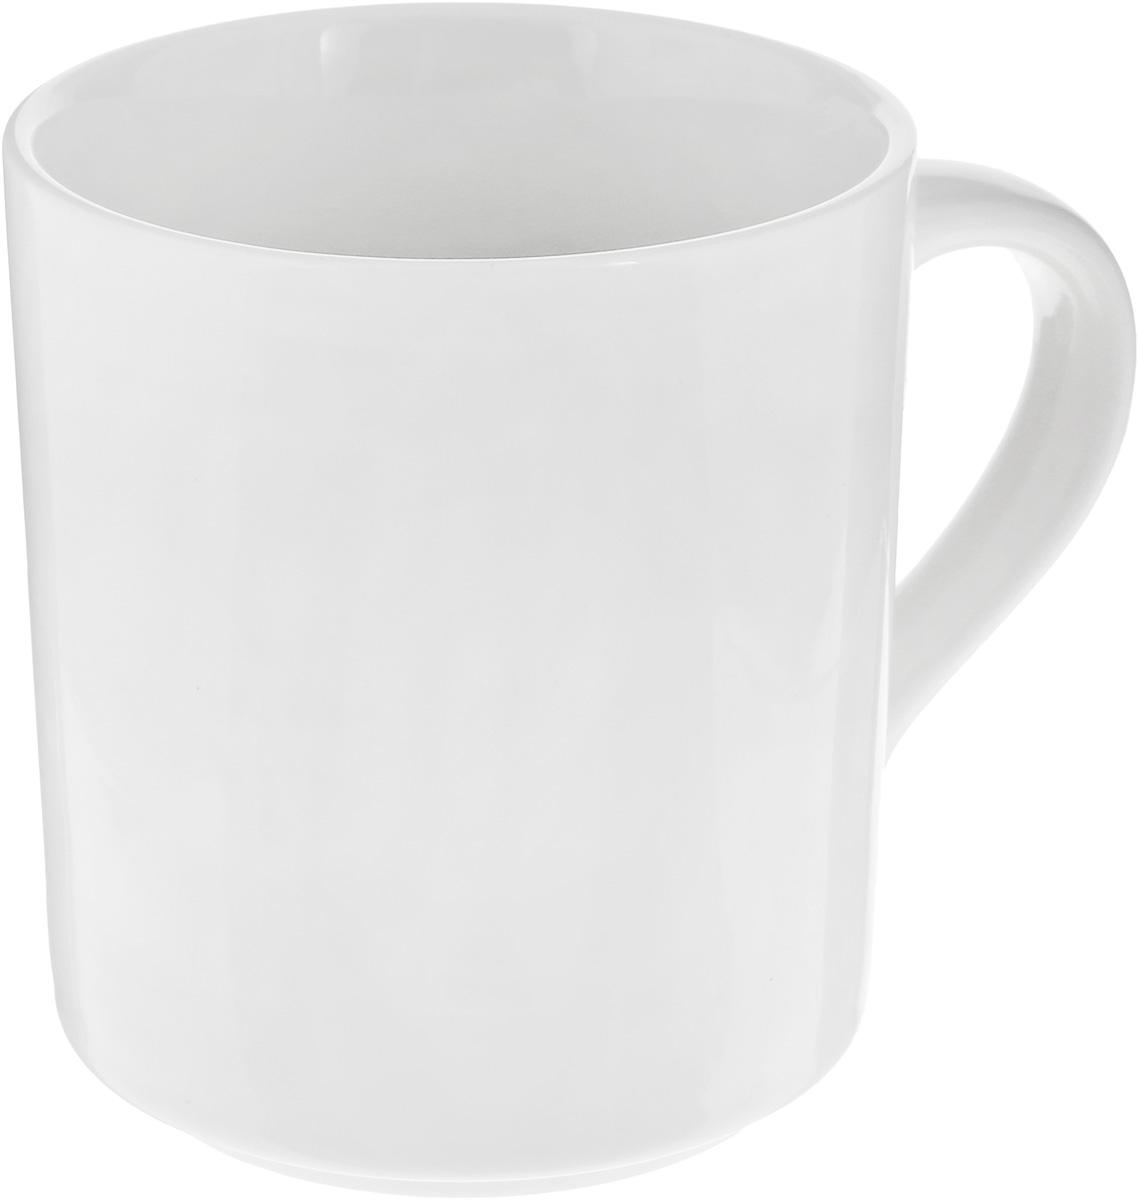 Кружка Wilmax, цвет: белый, 350 мл кружка wilmax 280 мл